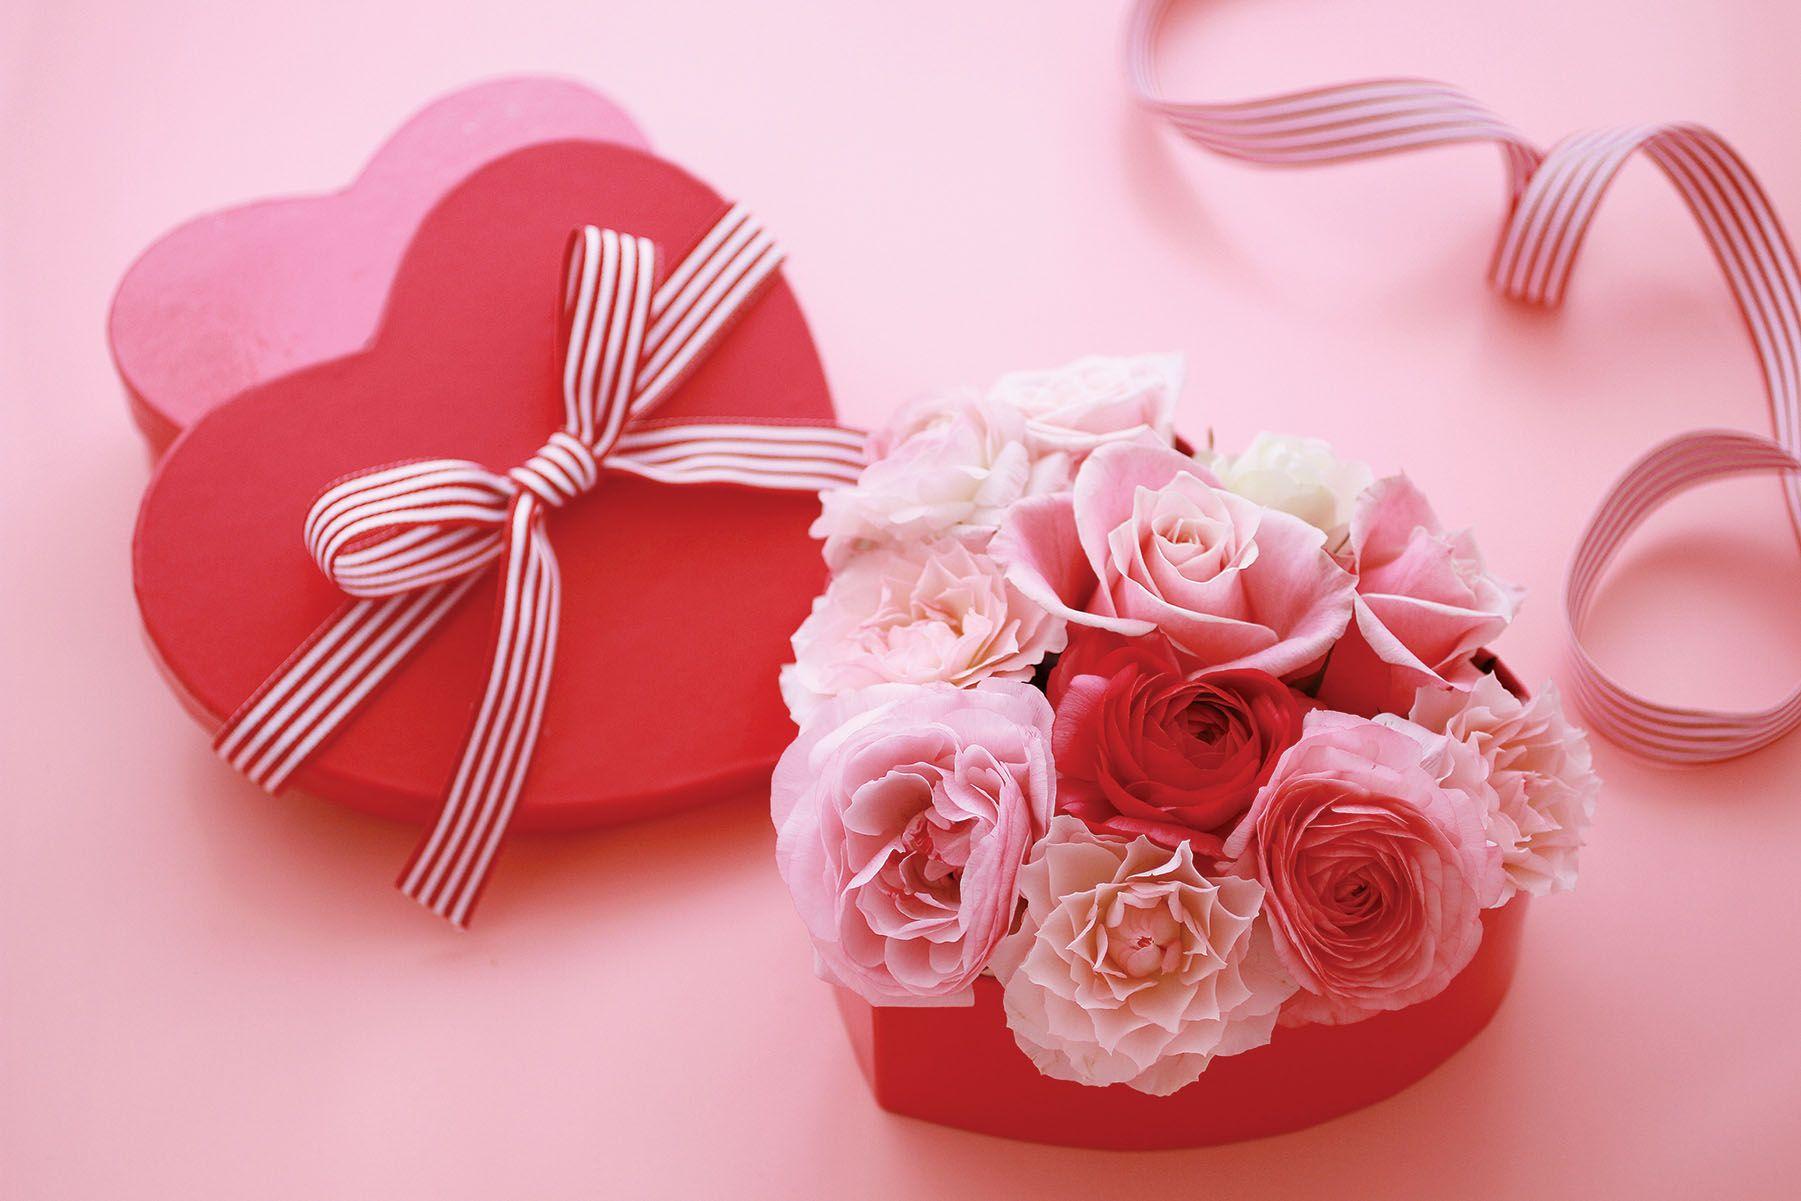 Walentynki Pomysl Na Prezent Milosc Prezent Romantyczne Inspiracje Serce Pud Valentine Day Gifts Valentine Day Crafts Valentines Day Gifts For Her